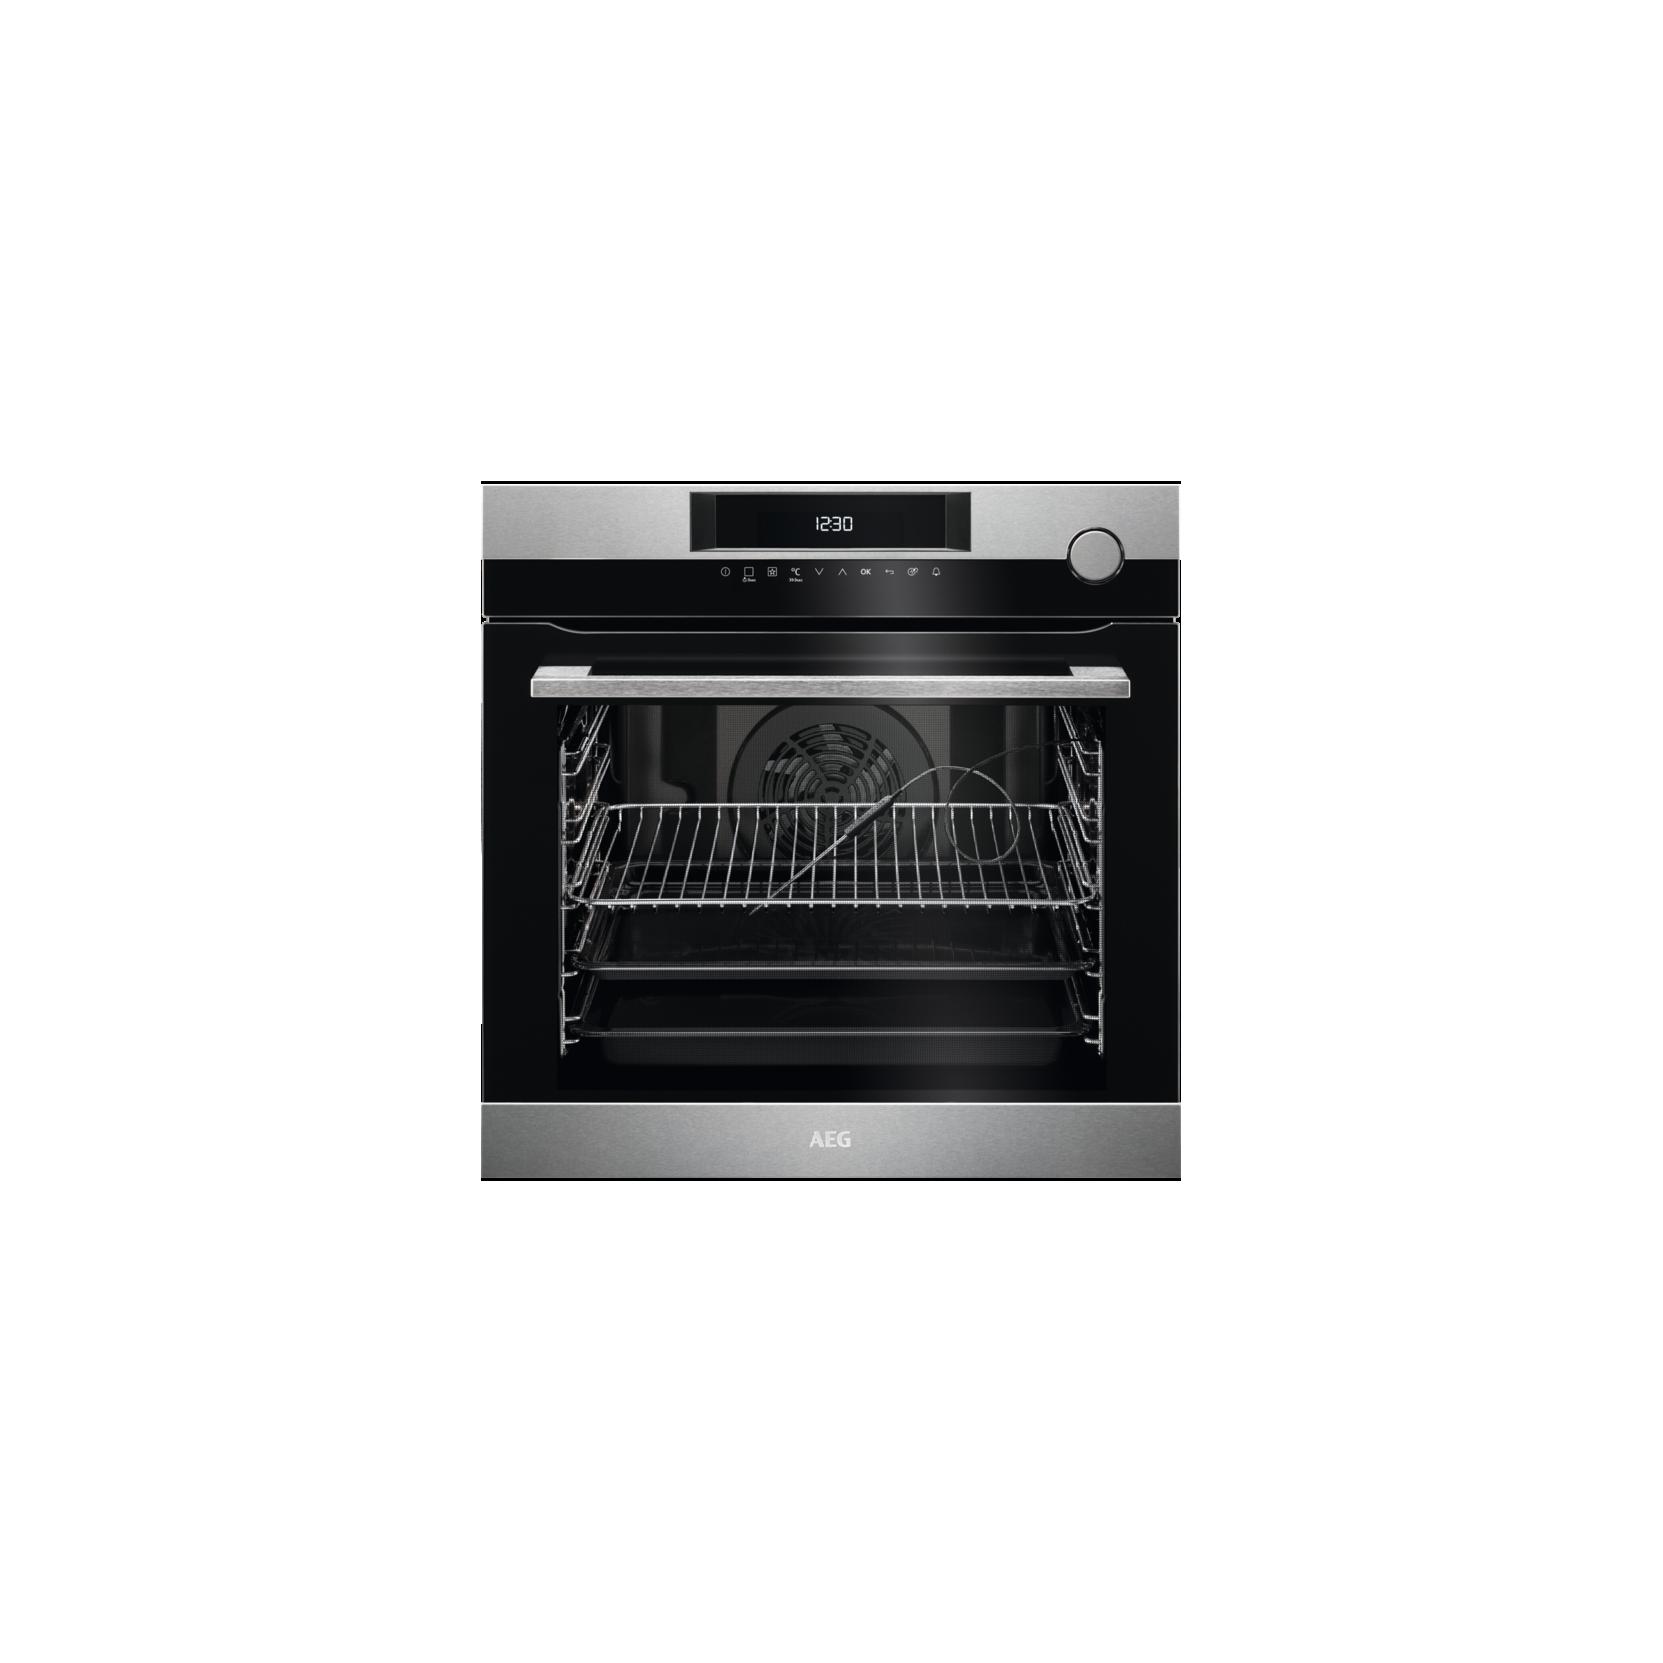 Aeg bsk772221m forno multifunzione da incasso con cottura a vapore cm 60 a inox 74 litri - Forno con cottura a vapore ...